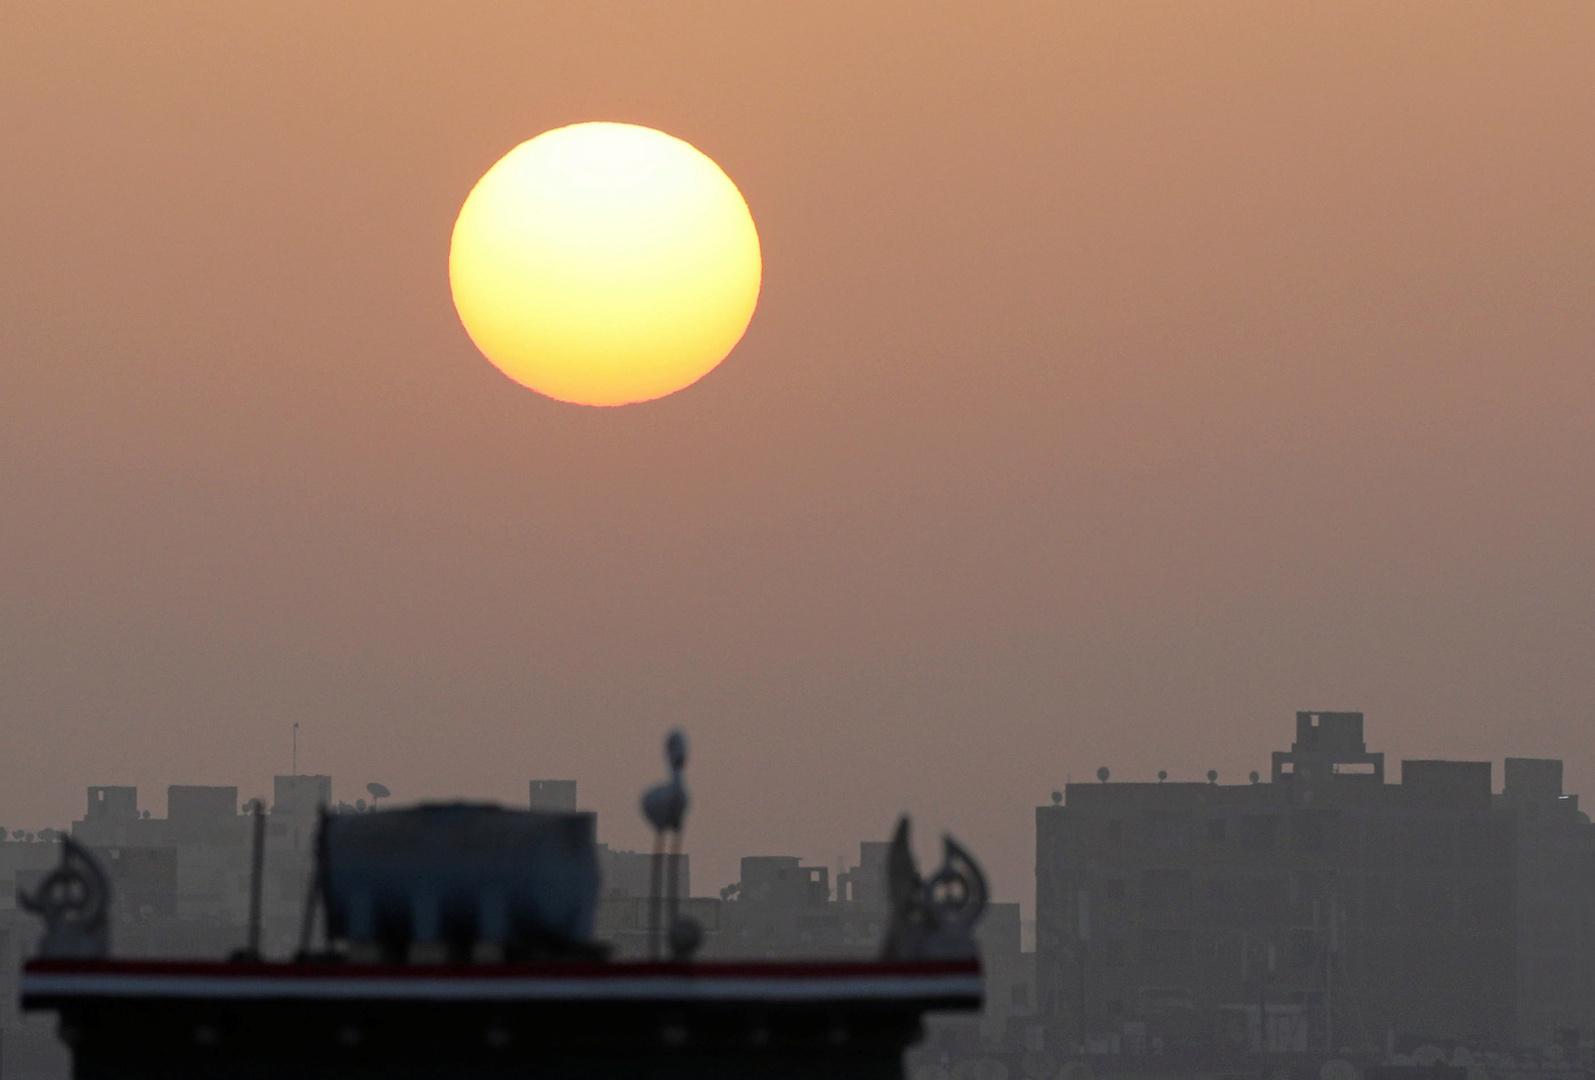 الأرصاد الجوية المصرية تحذر المصريين من طقس شديد الحرارة